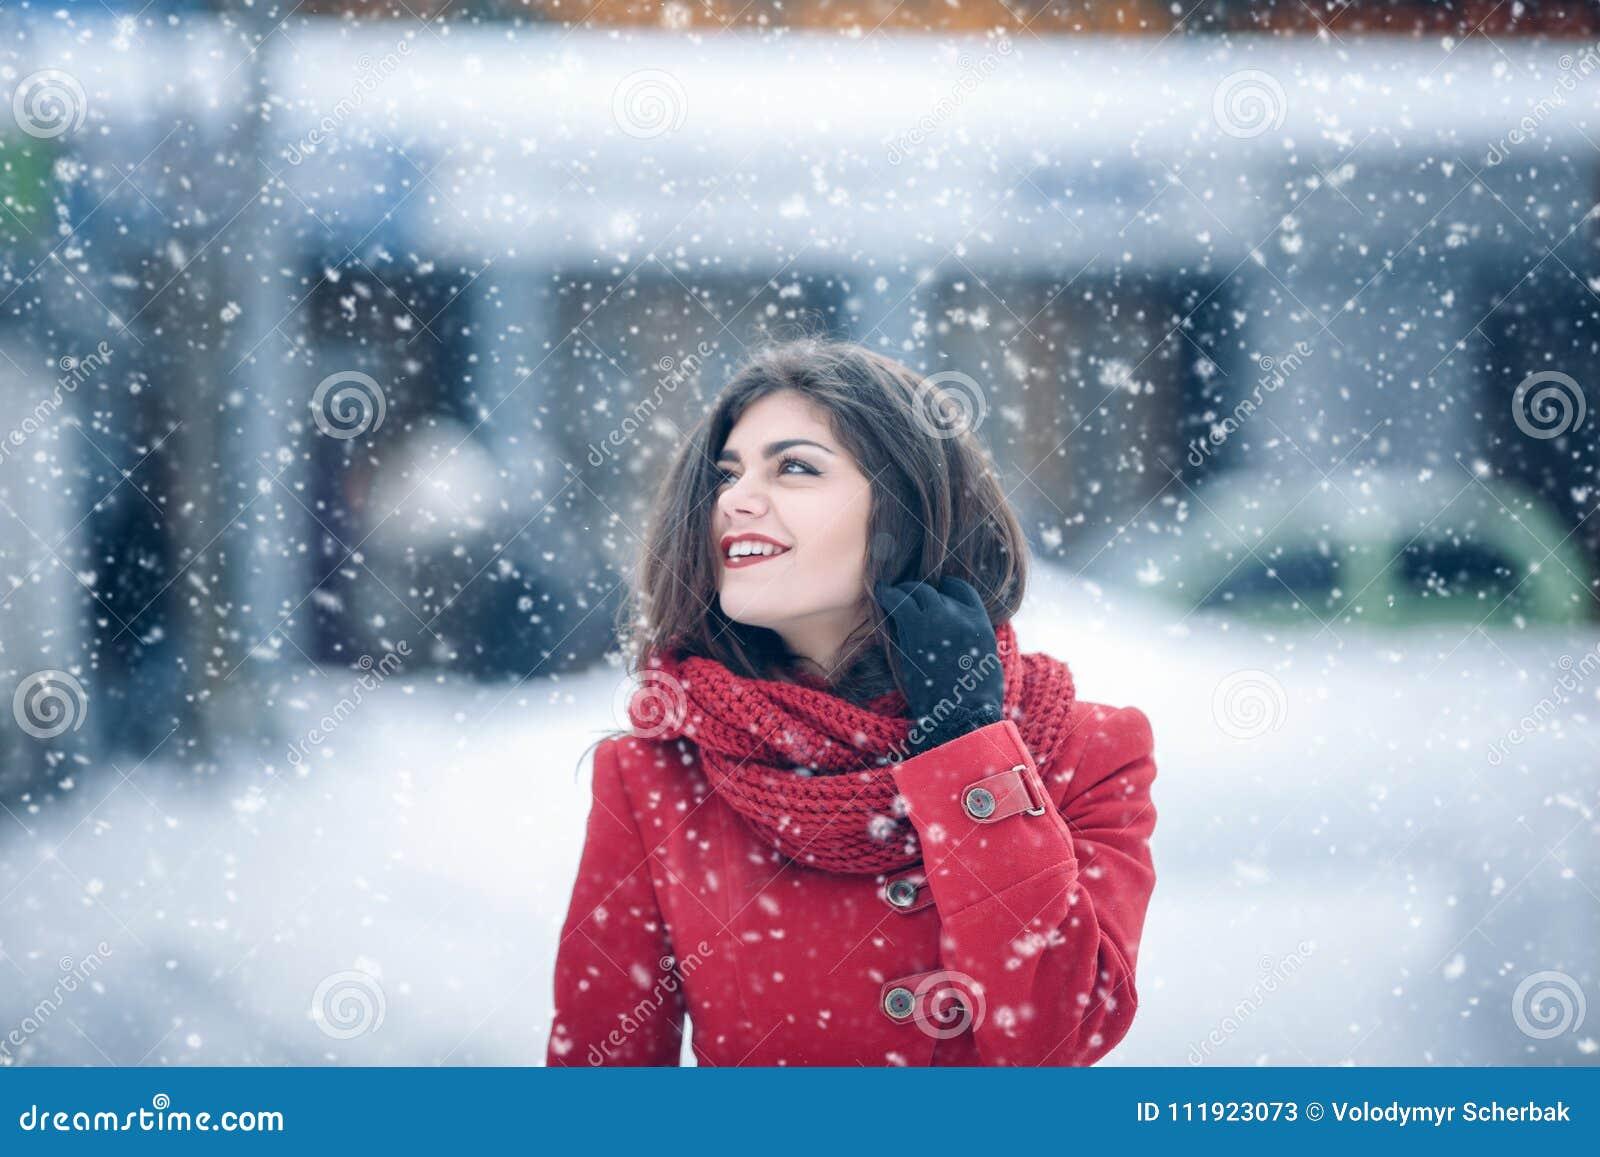 Retrato del invierno de la mujer morena hermosa joven que lleva la redecilla hecha punto y la capa roja cubiertas en nieve Fashio